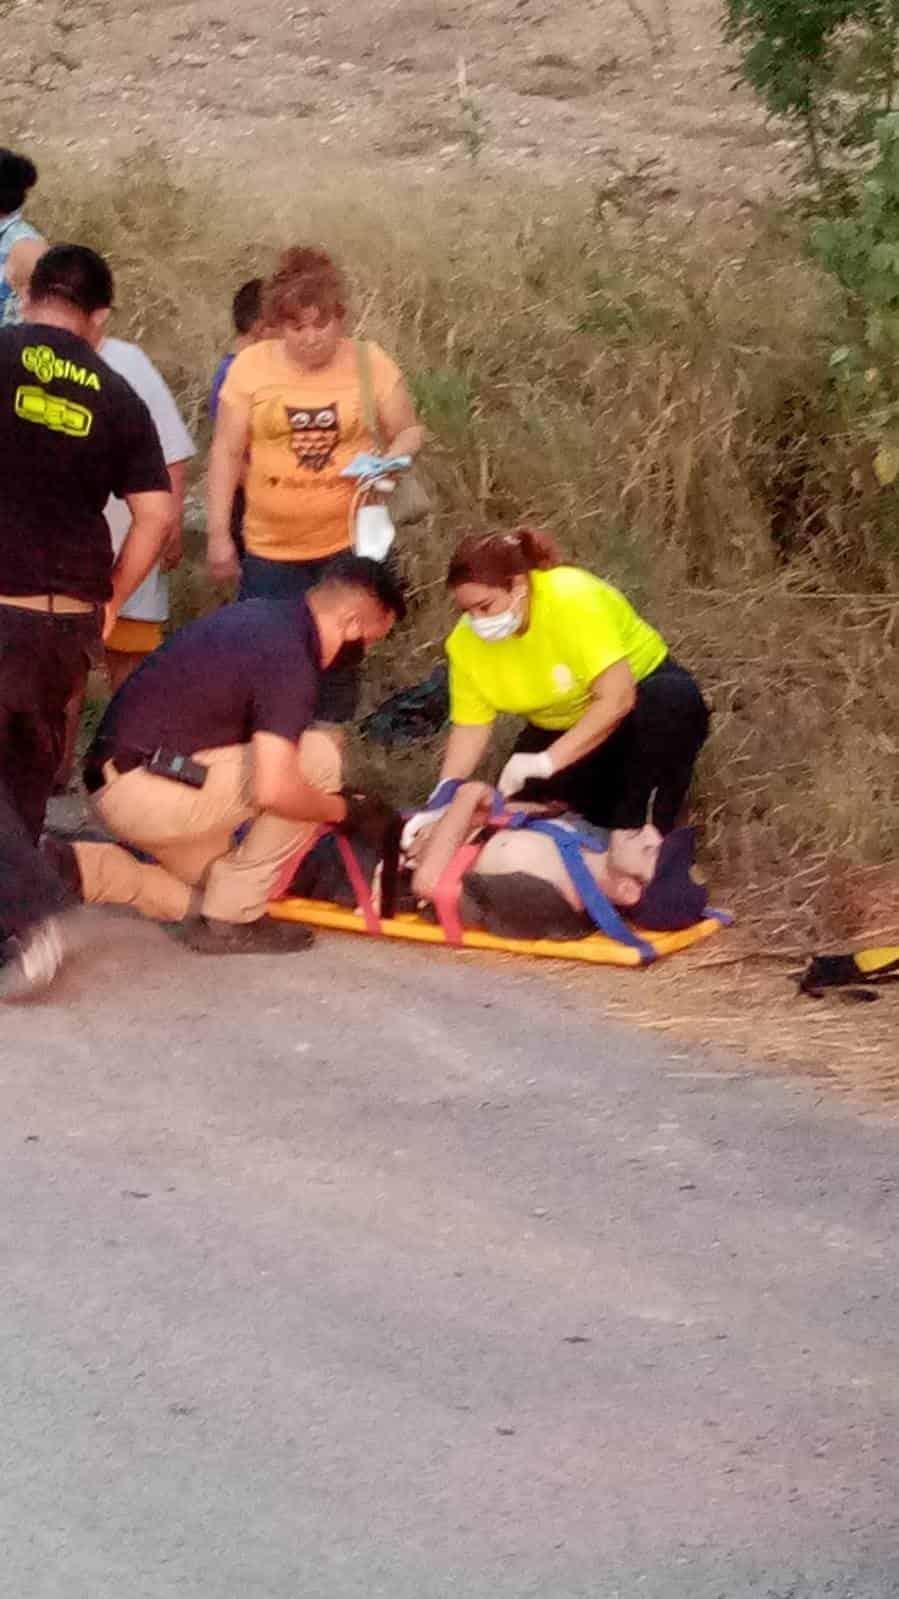 Los hechos dejaron un saldo de cinco personas lesionadas y otros con golpes leves